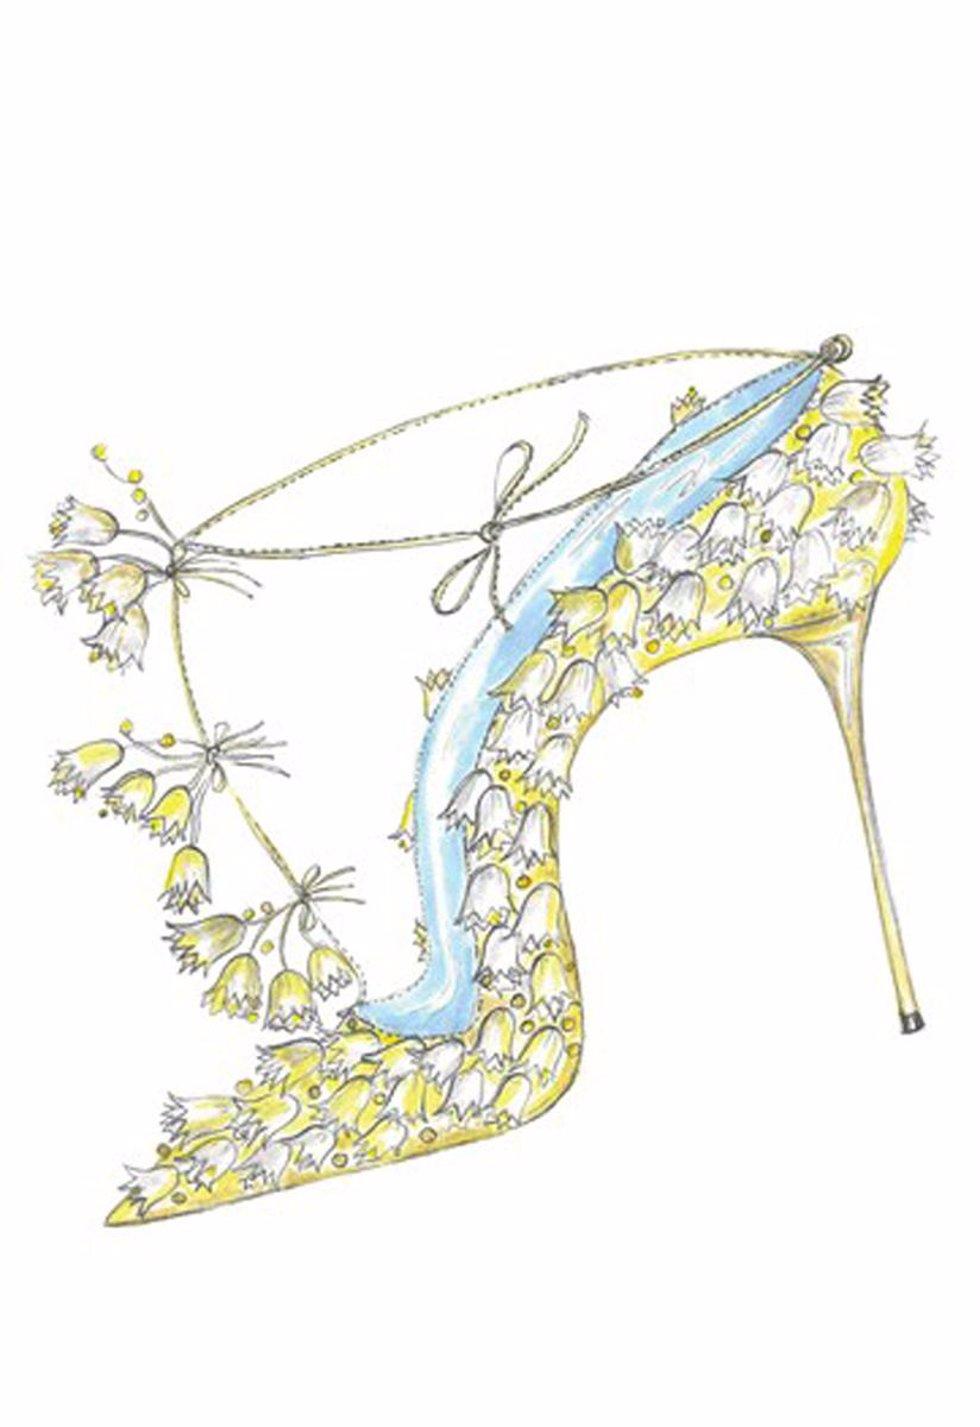 Diseño de Manolo Blahnik para los posibles zapatos nupciales de Kate Middleton